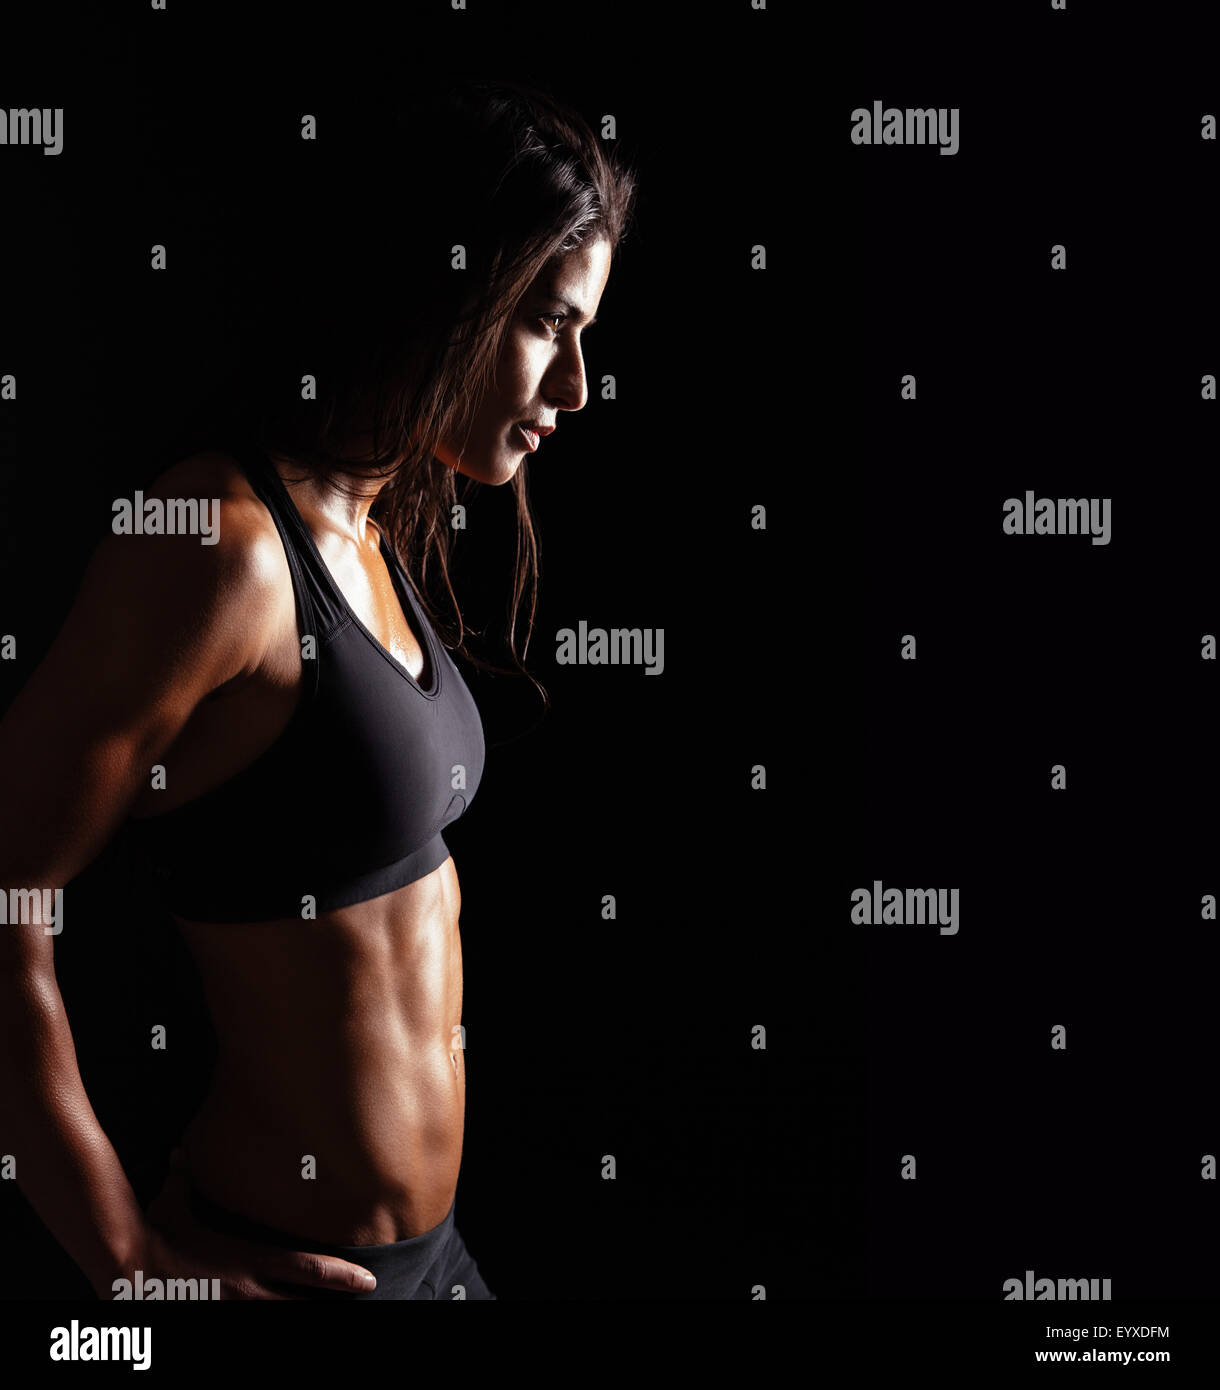 Immagine della donna fitness in capi di abbigliamento sportivi alla ricerca di distanza su sfondo nero. Giovani Immagini Stock